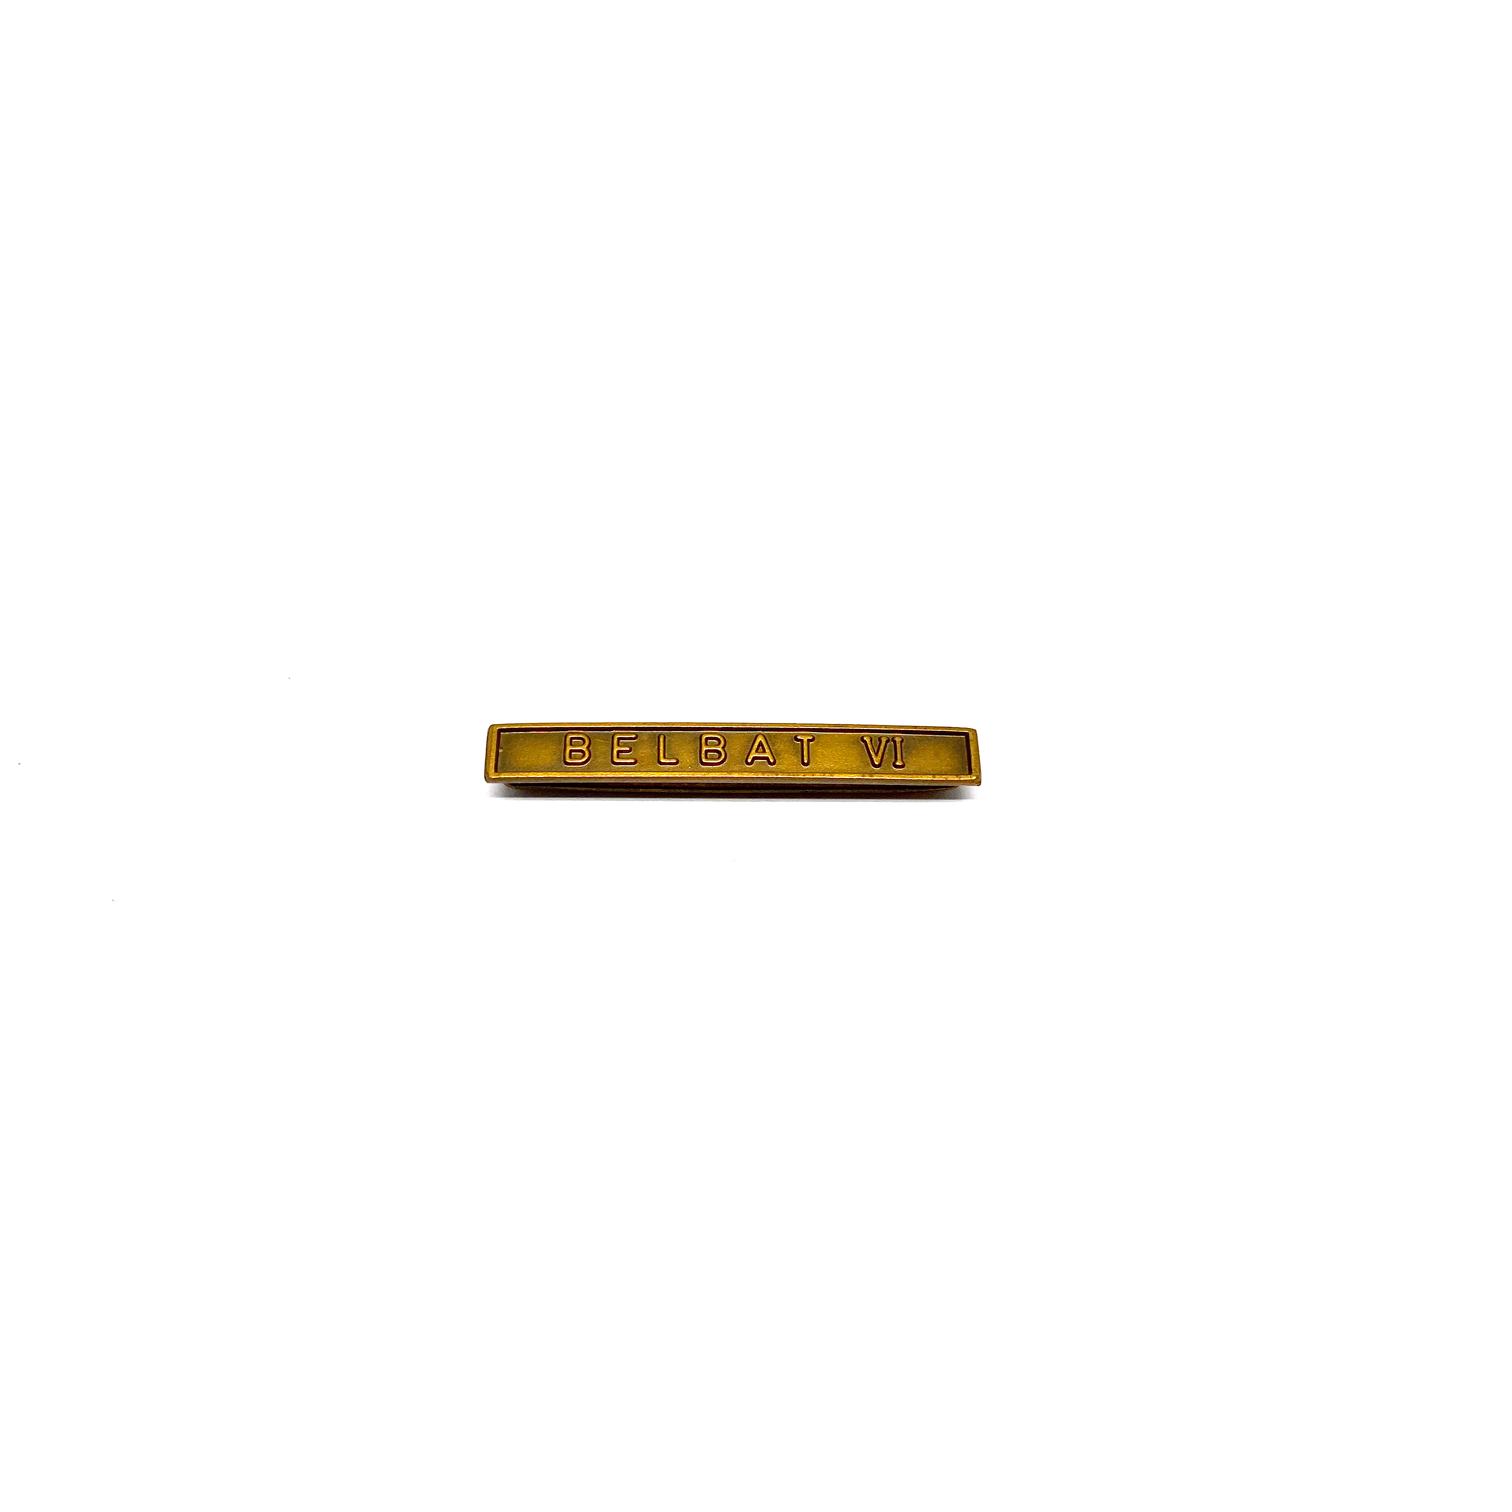 Barrette Belbat VI pour décorations militaires